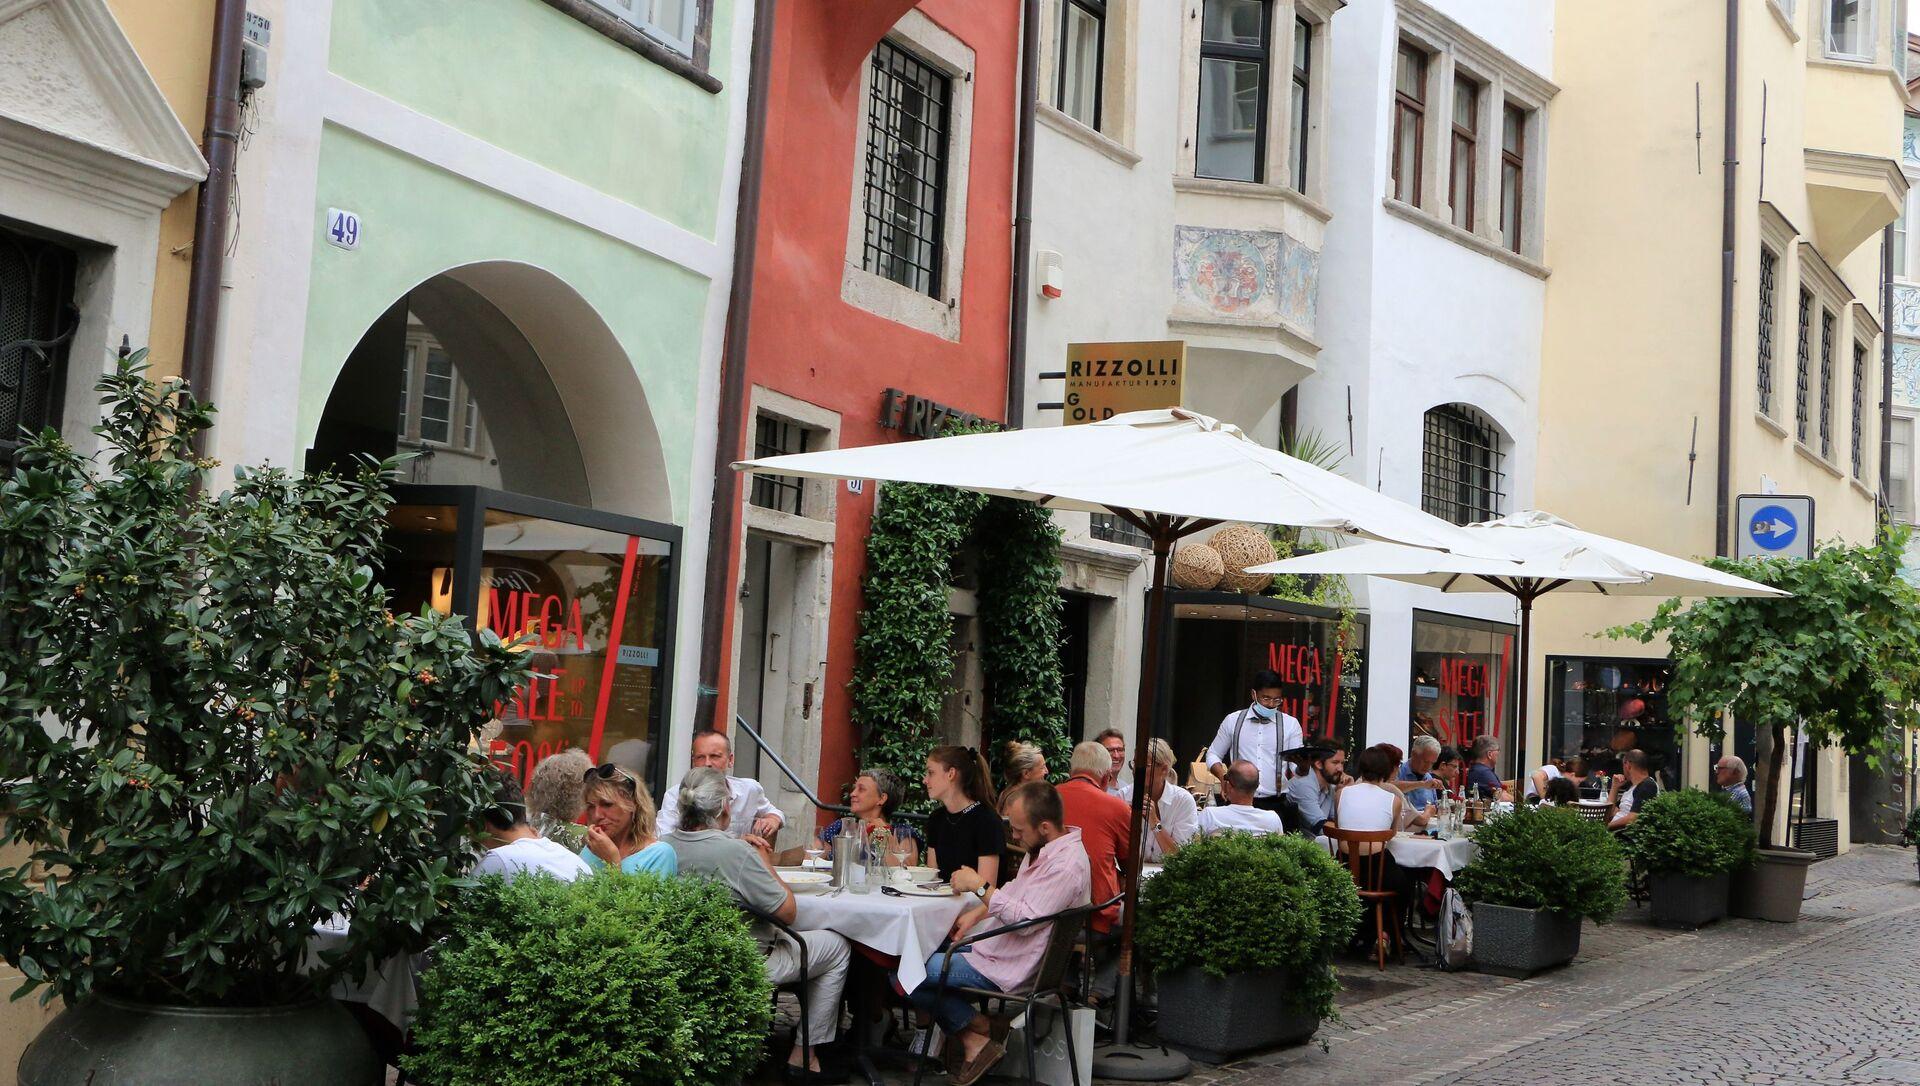 Un ristorante a Bolzano - Sputnik Italia, 1920, 23.04.2021